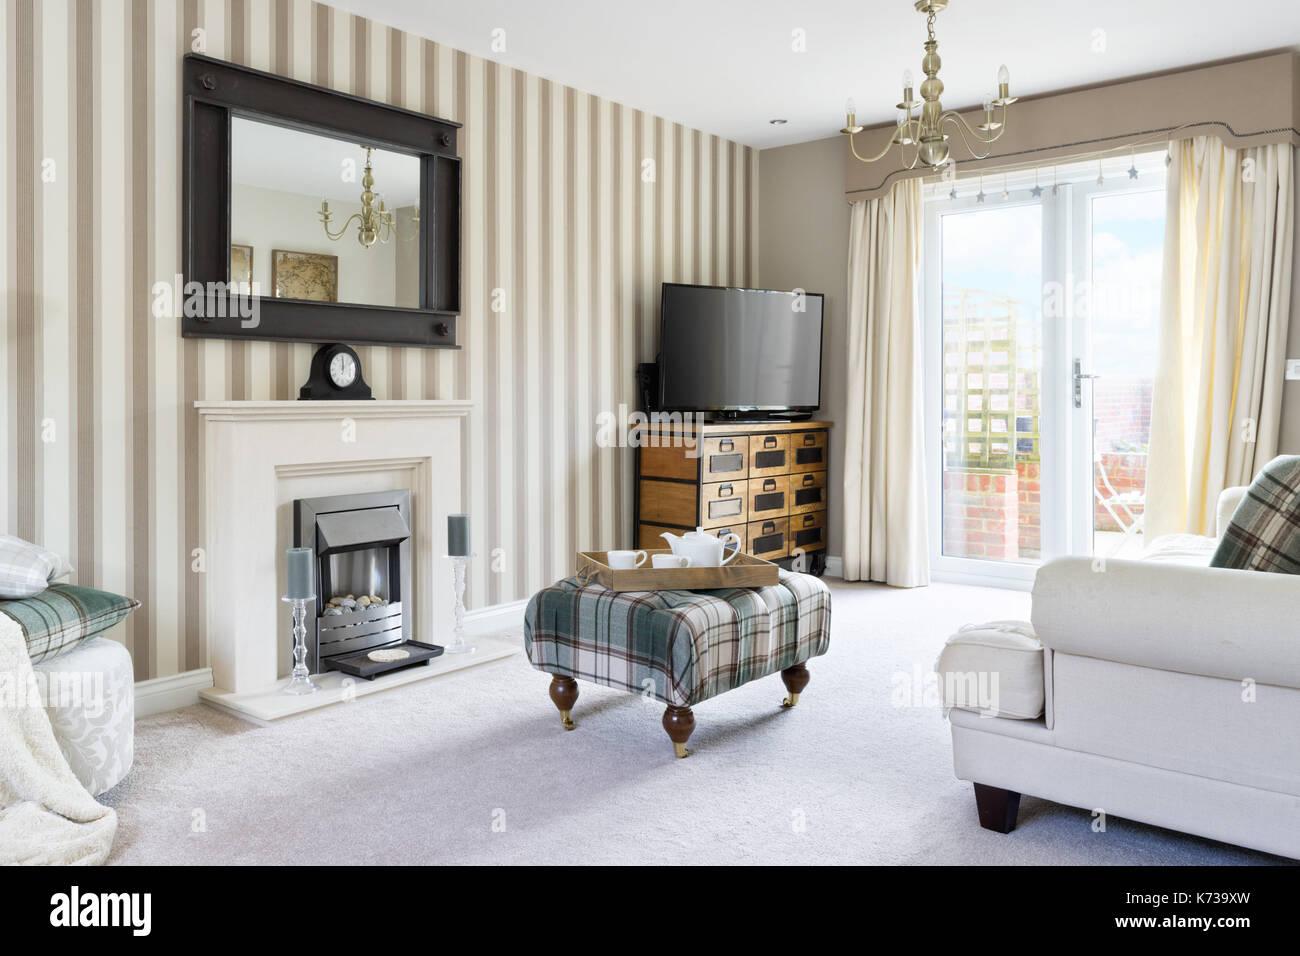 Ein stilvolles Interieur gestaltet in einem zeitgenössischen uk Home Stockbild